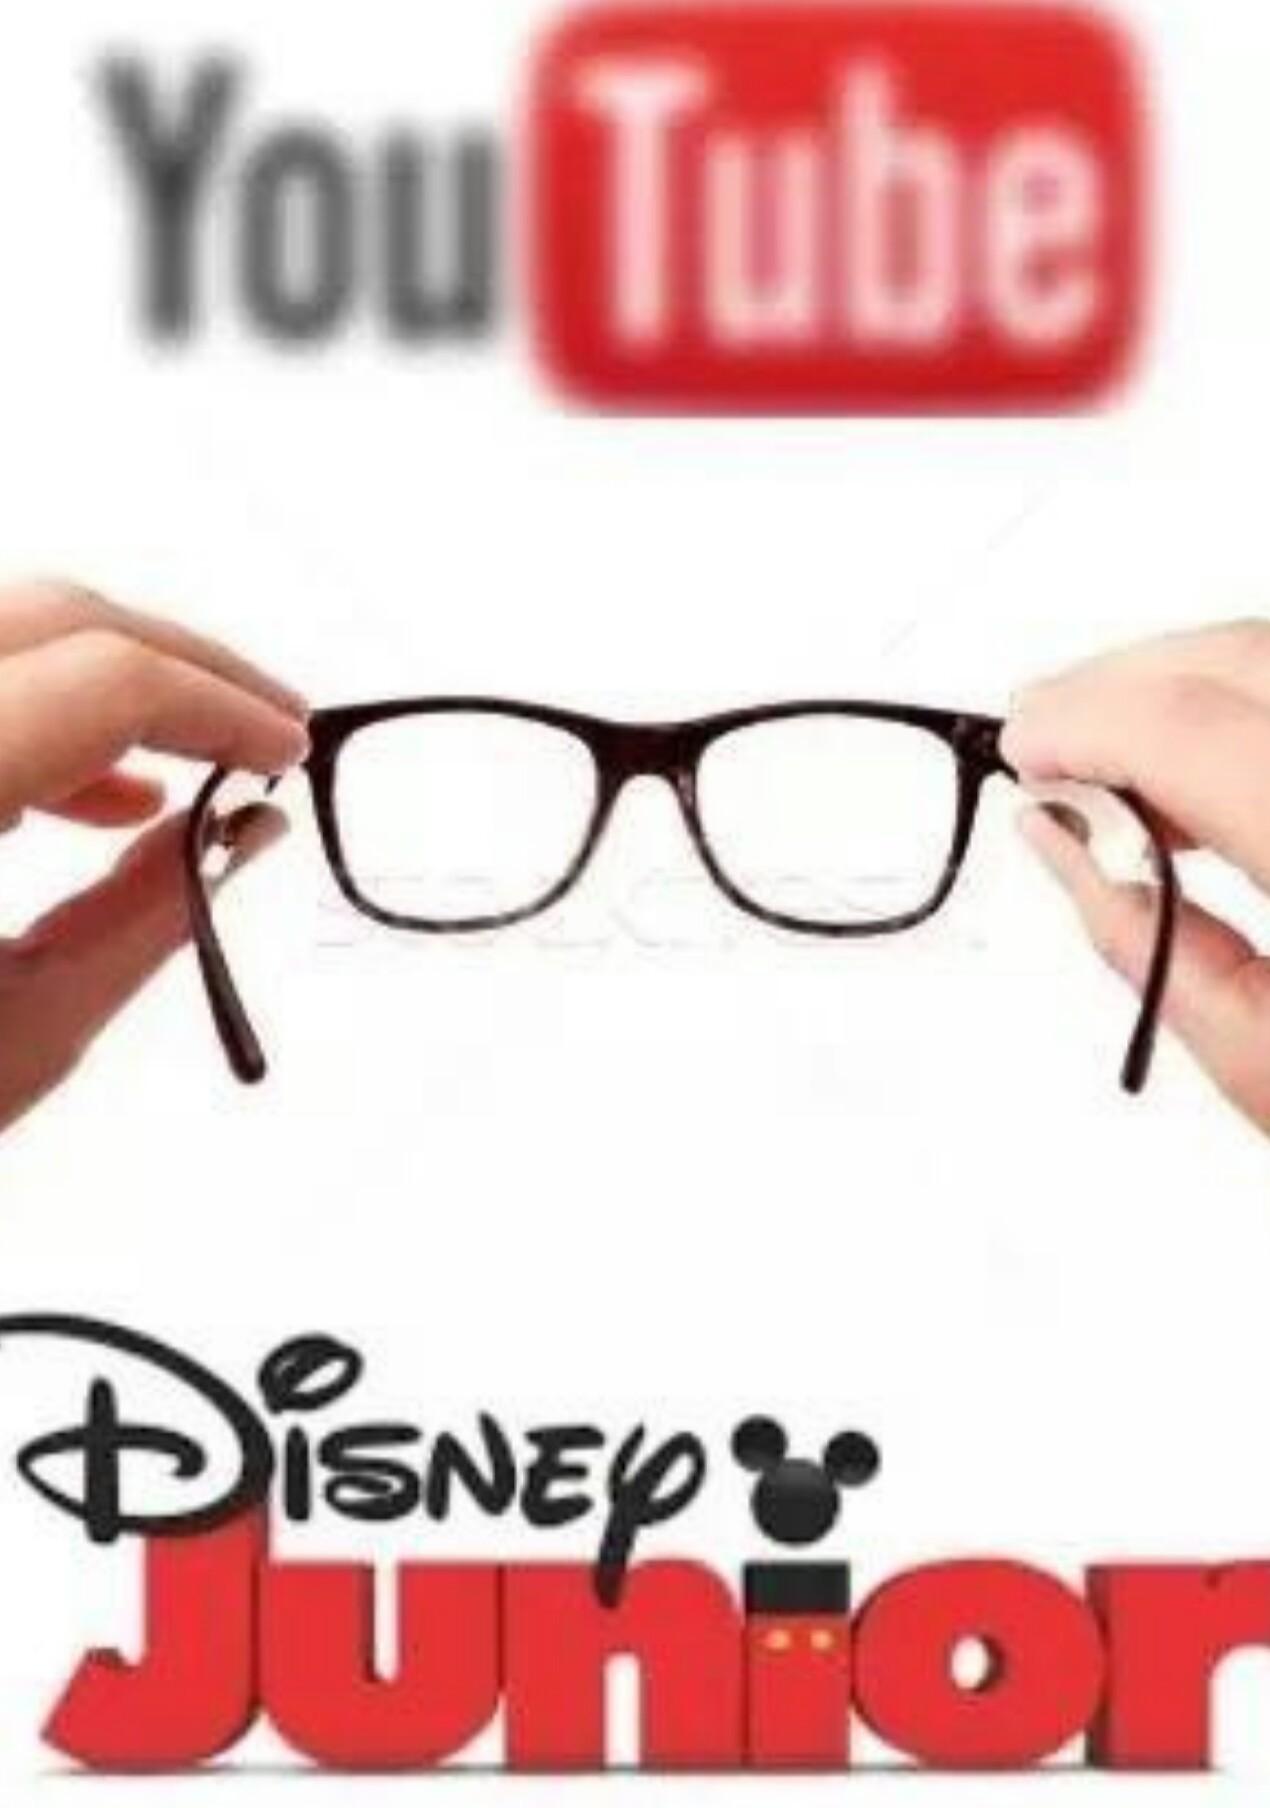 Youtube 2017: - meme